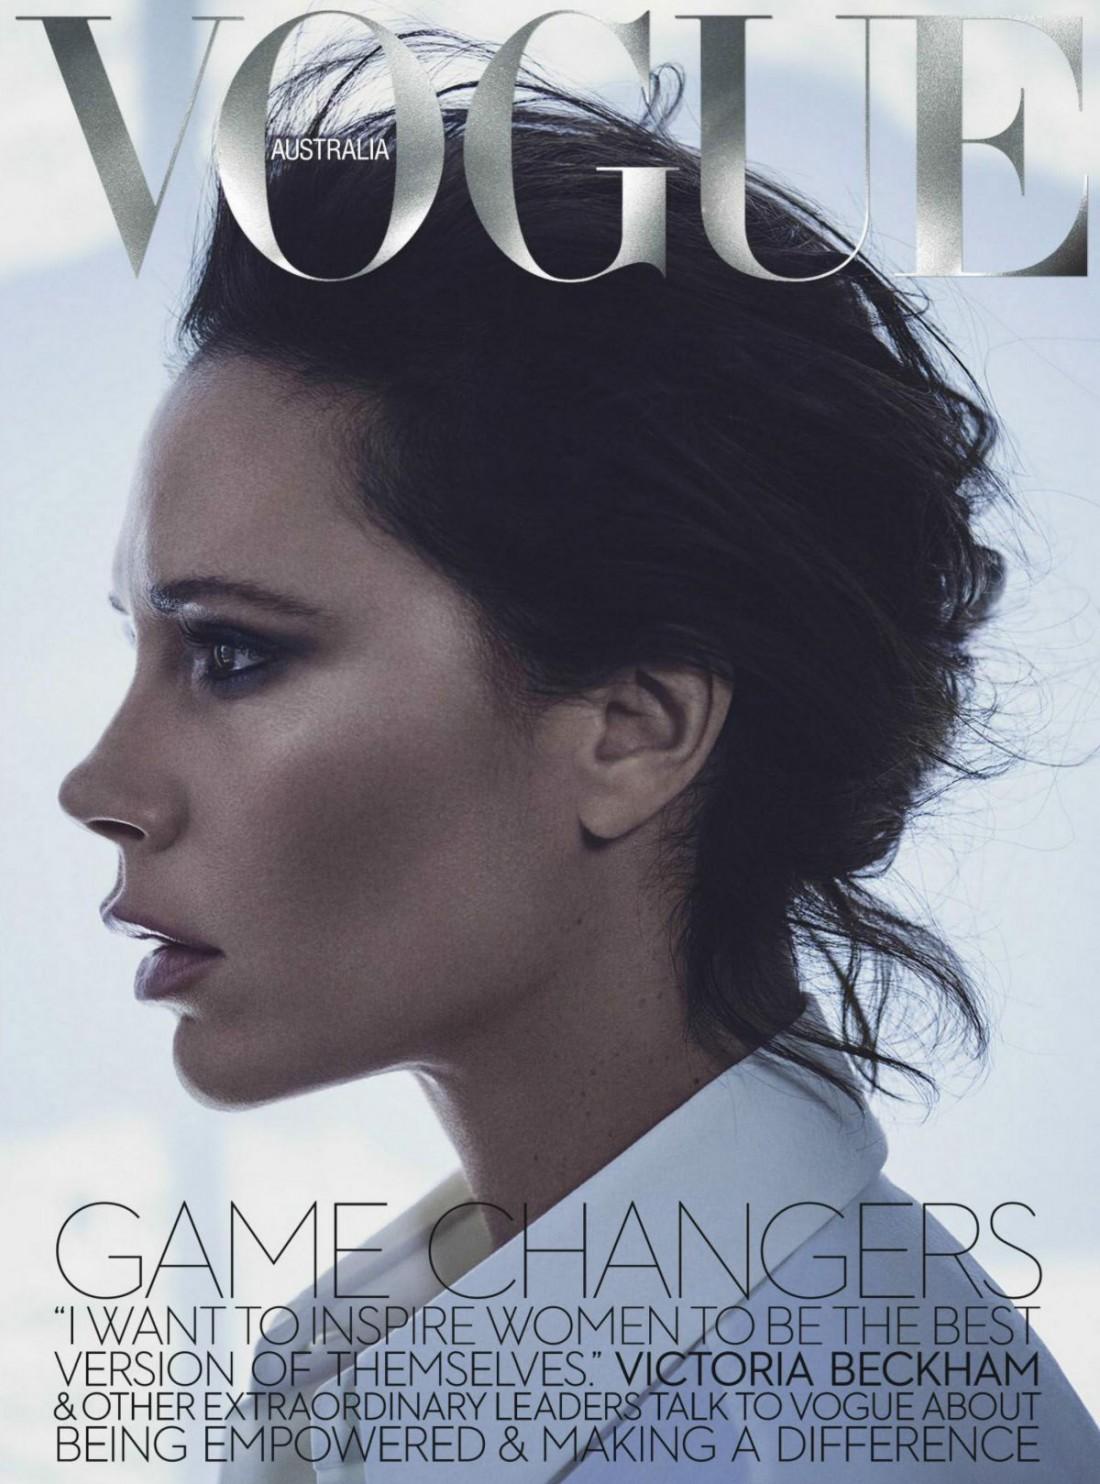 Виктория Бекхэм в новом фотосесте Vogue